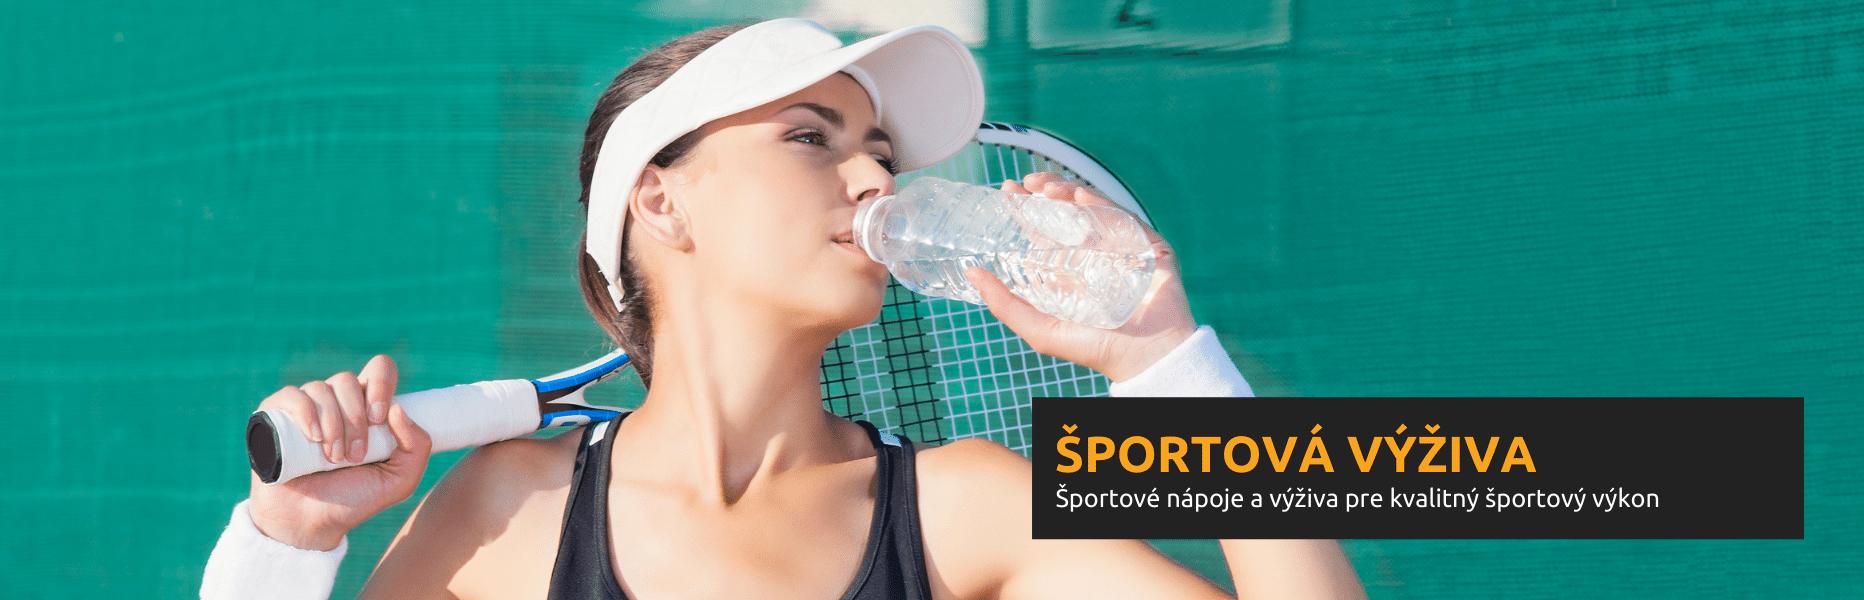 Športová výživa